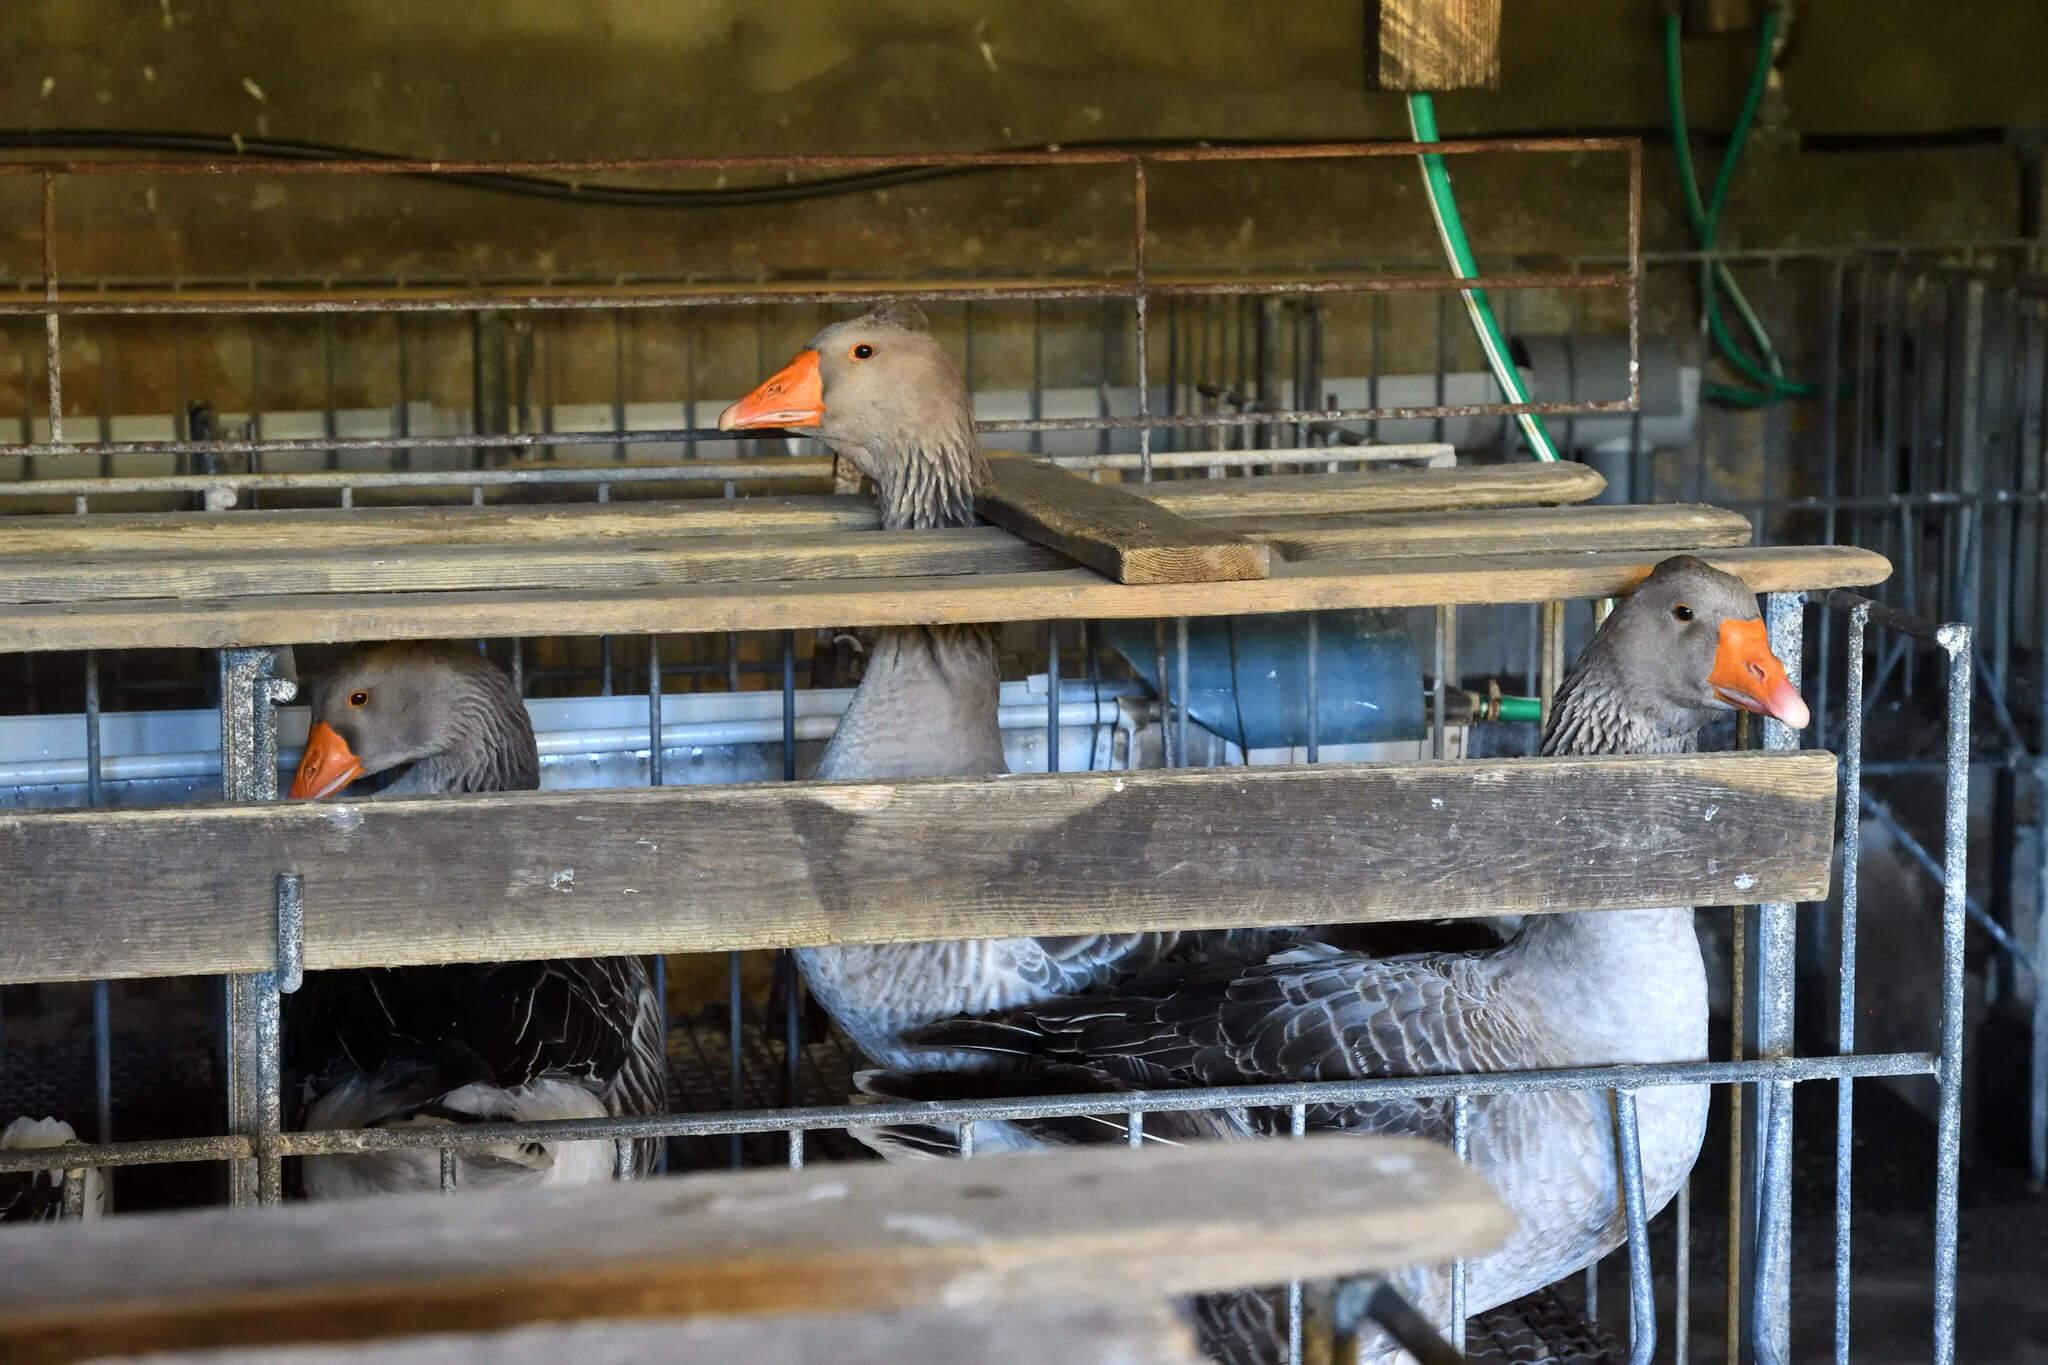 L'industrie du foie gras s'en prend à la campagne #EndTheCageAge